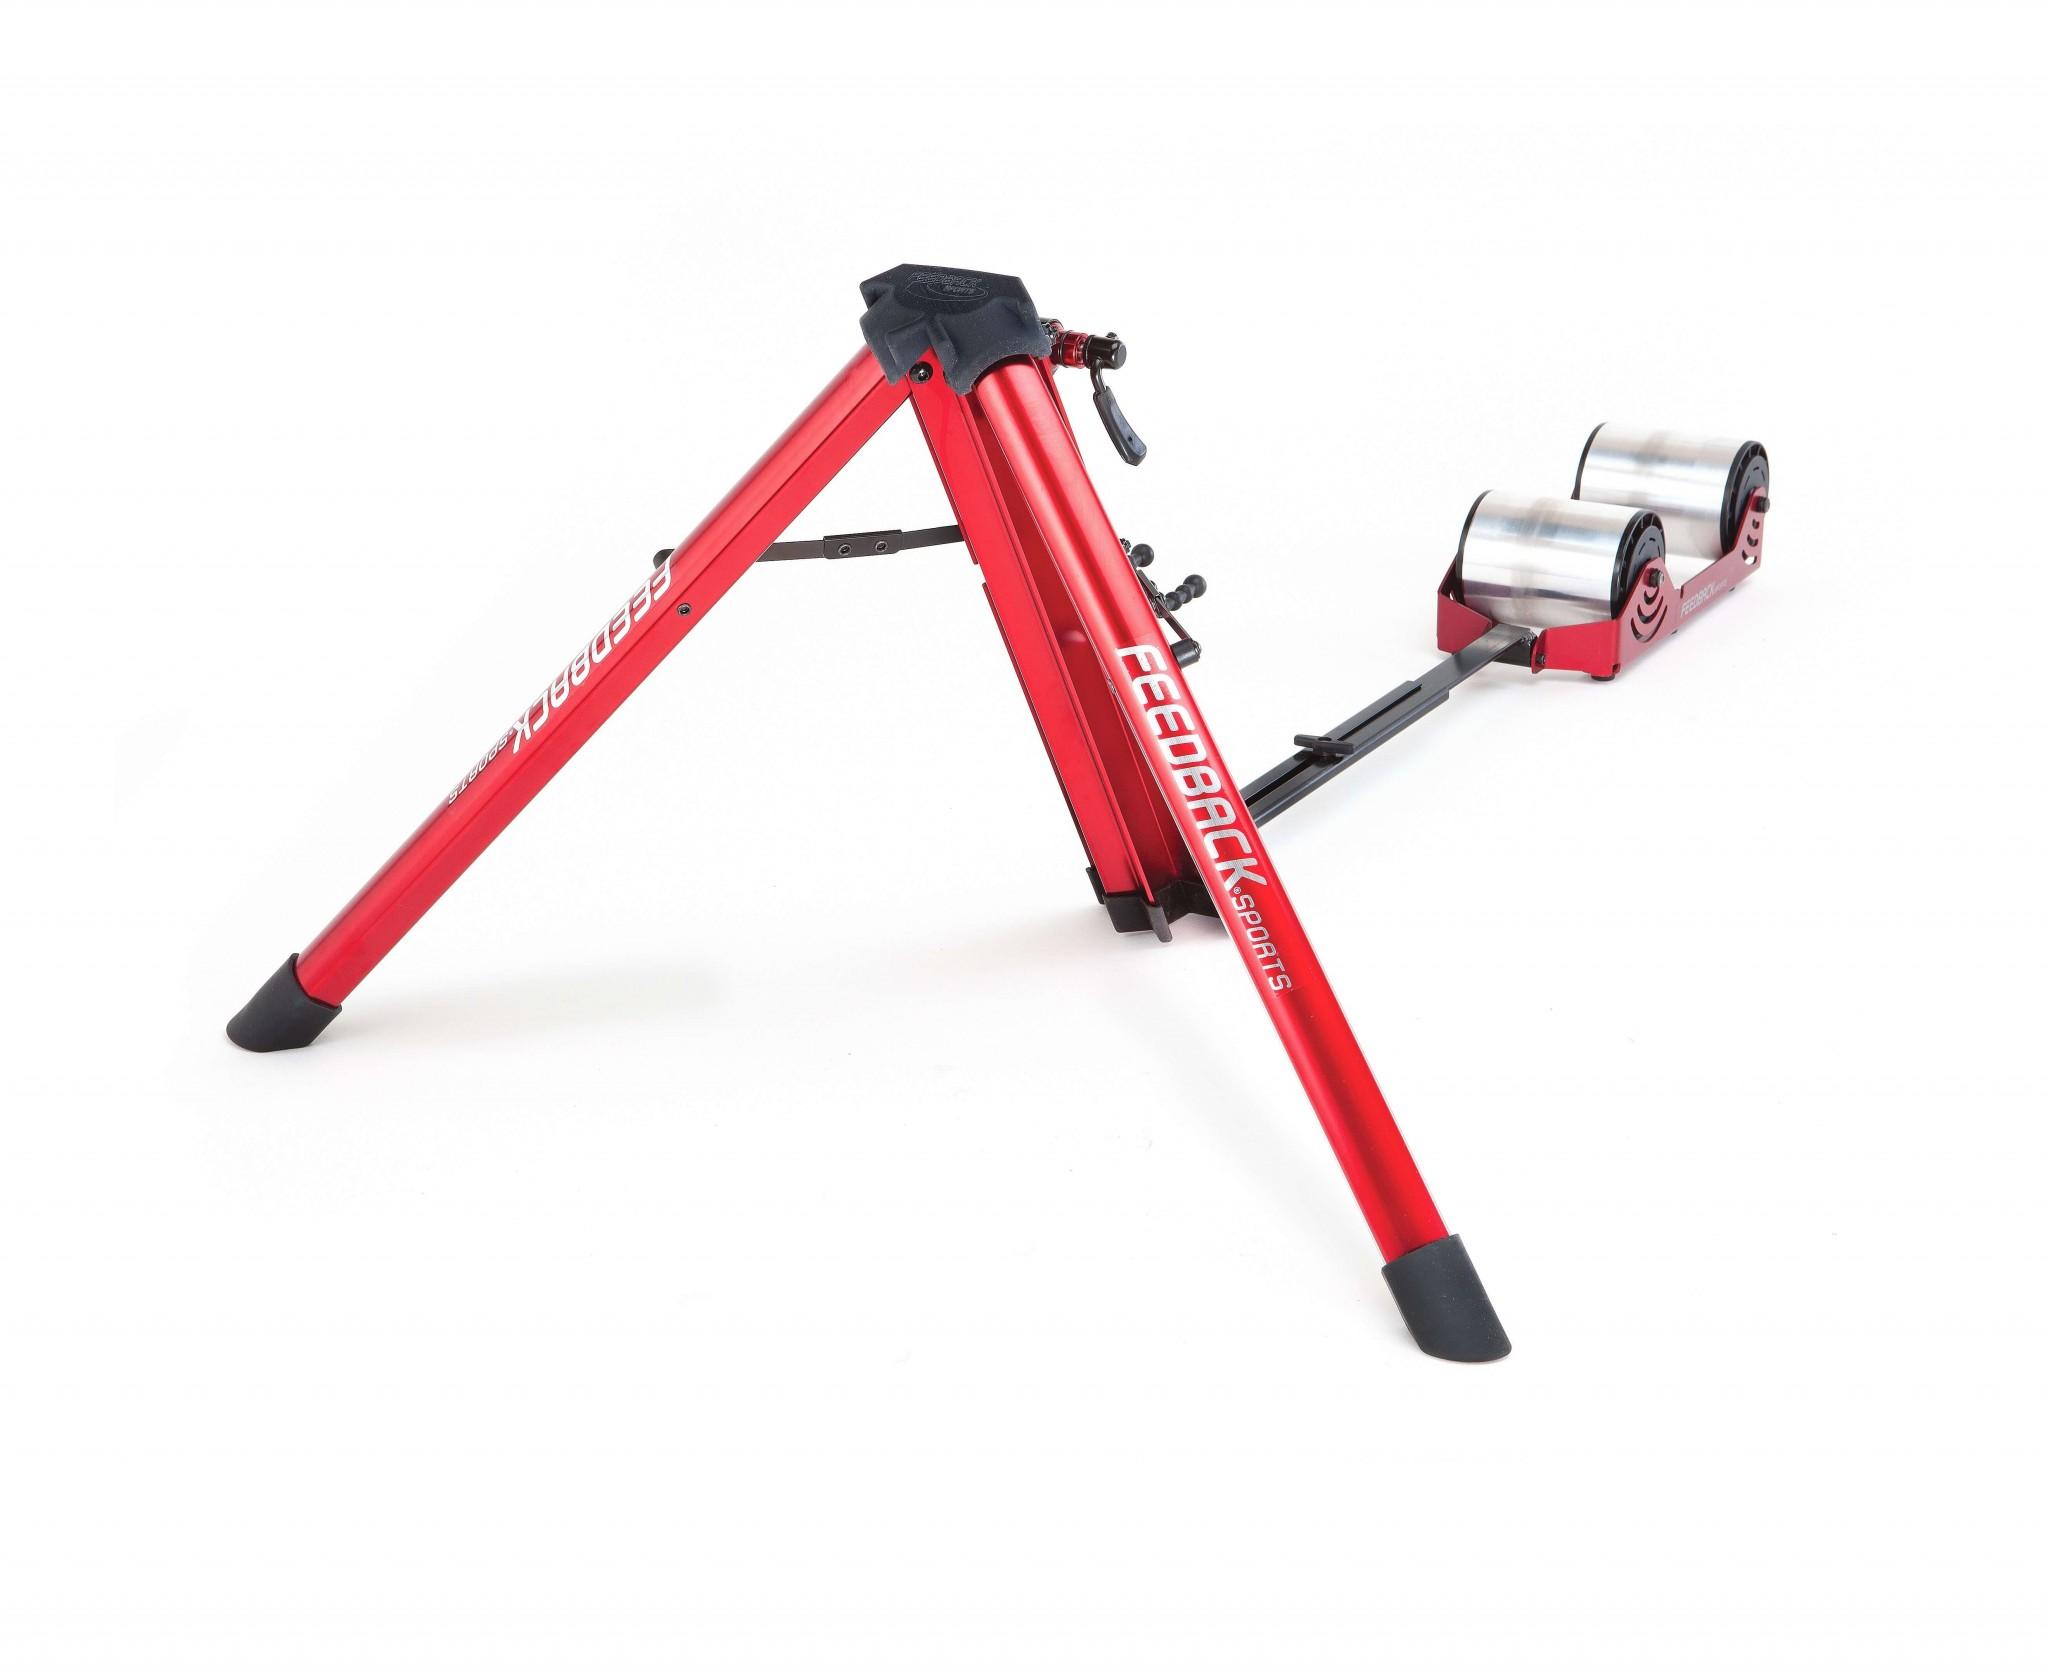 Bicycle Power Meter Handheld : Feedback sports omnium portable trainer power meter city